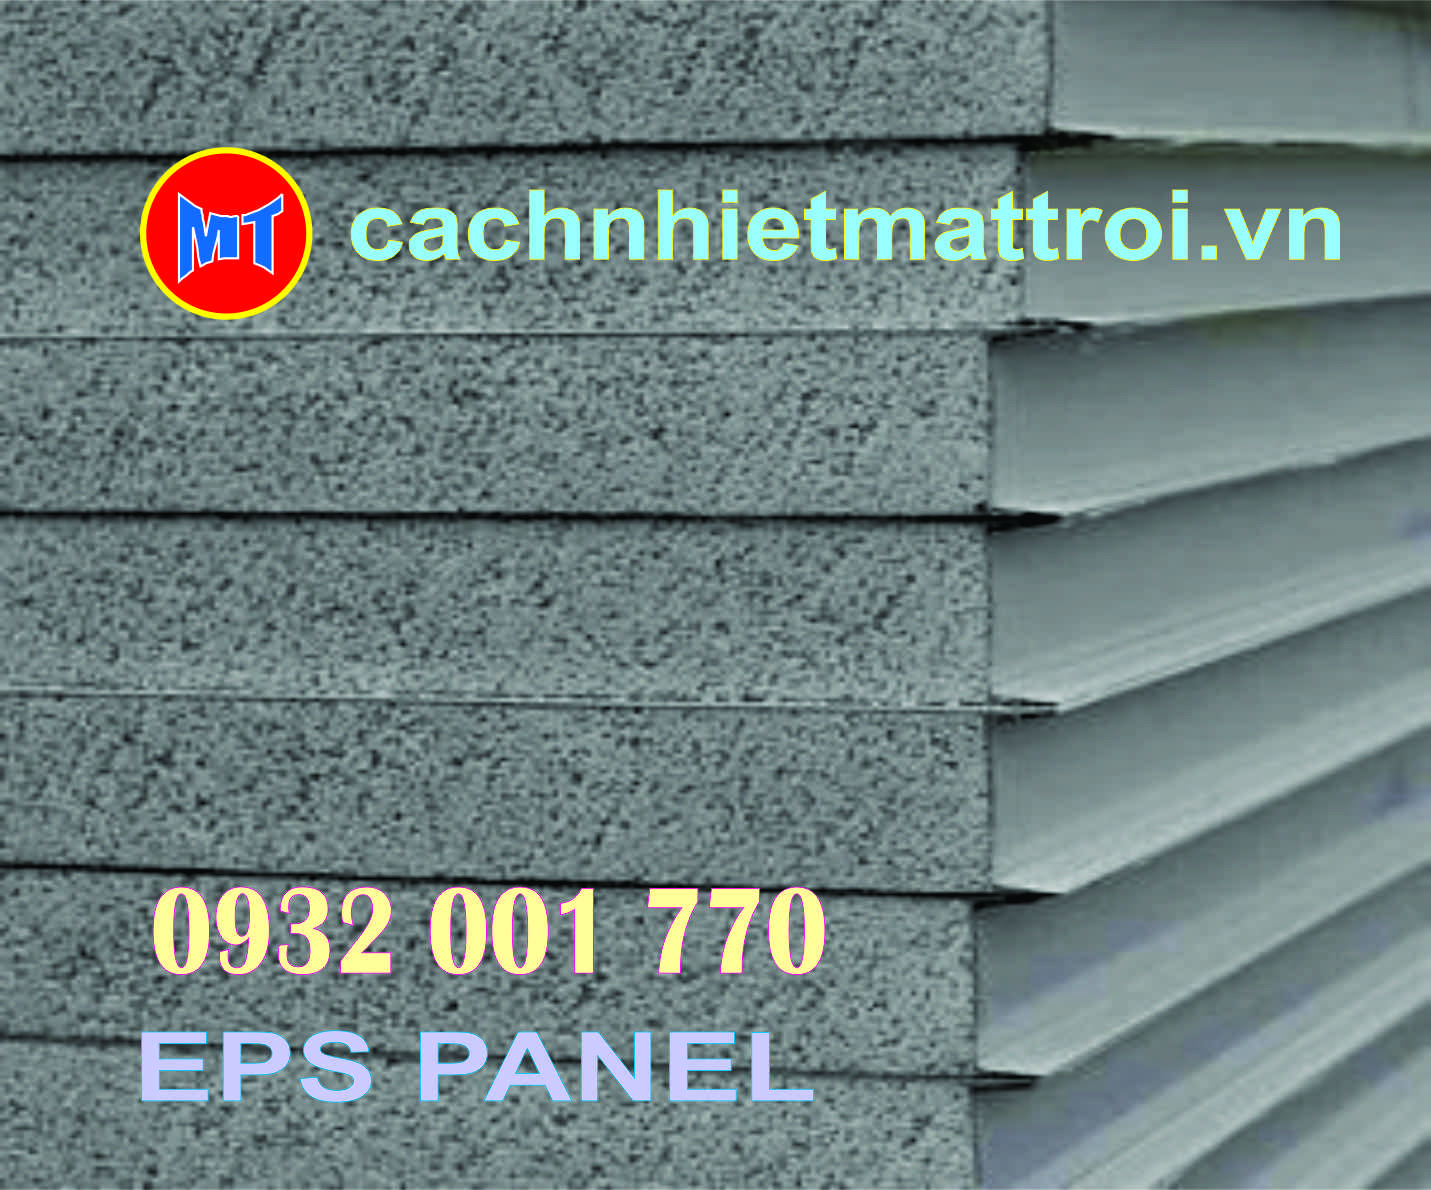 hình 2 Tấm cách nhiệt Panel EPS 2 mặt tôn mạ màu.